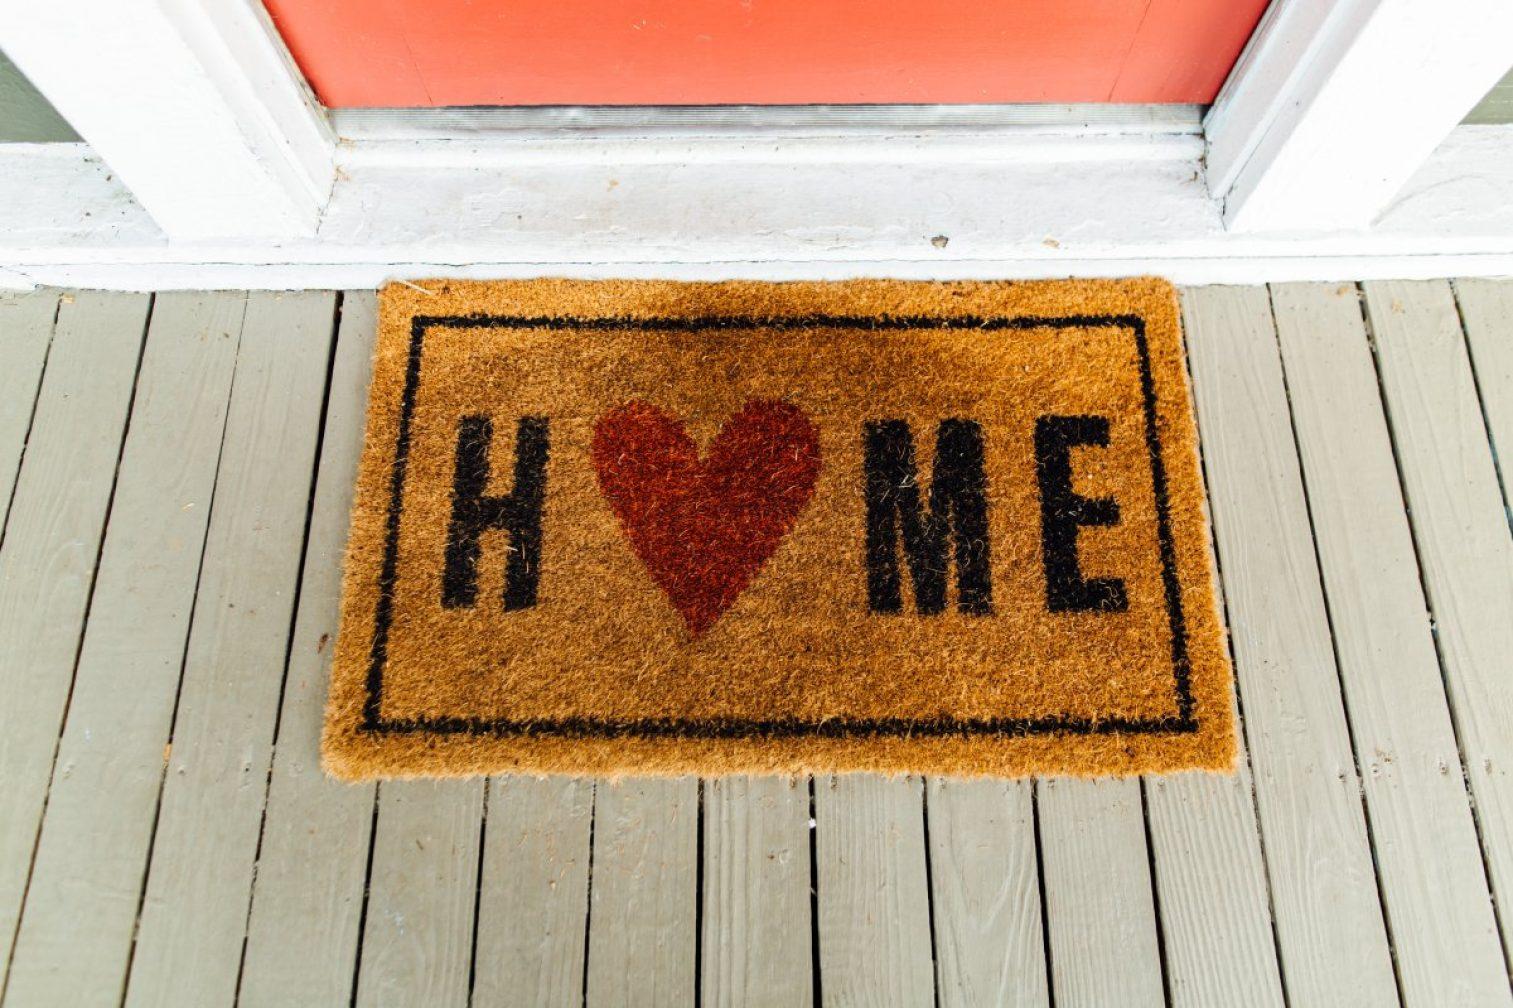 Brown home printed rug beside door